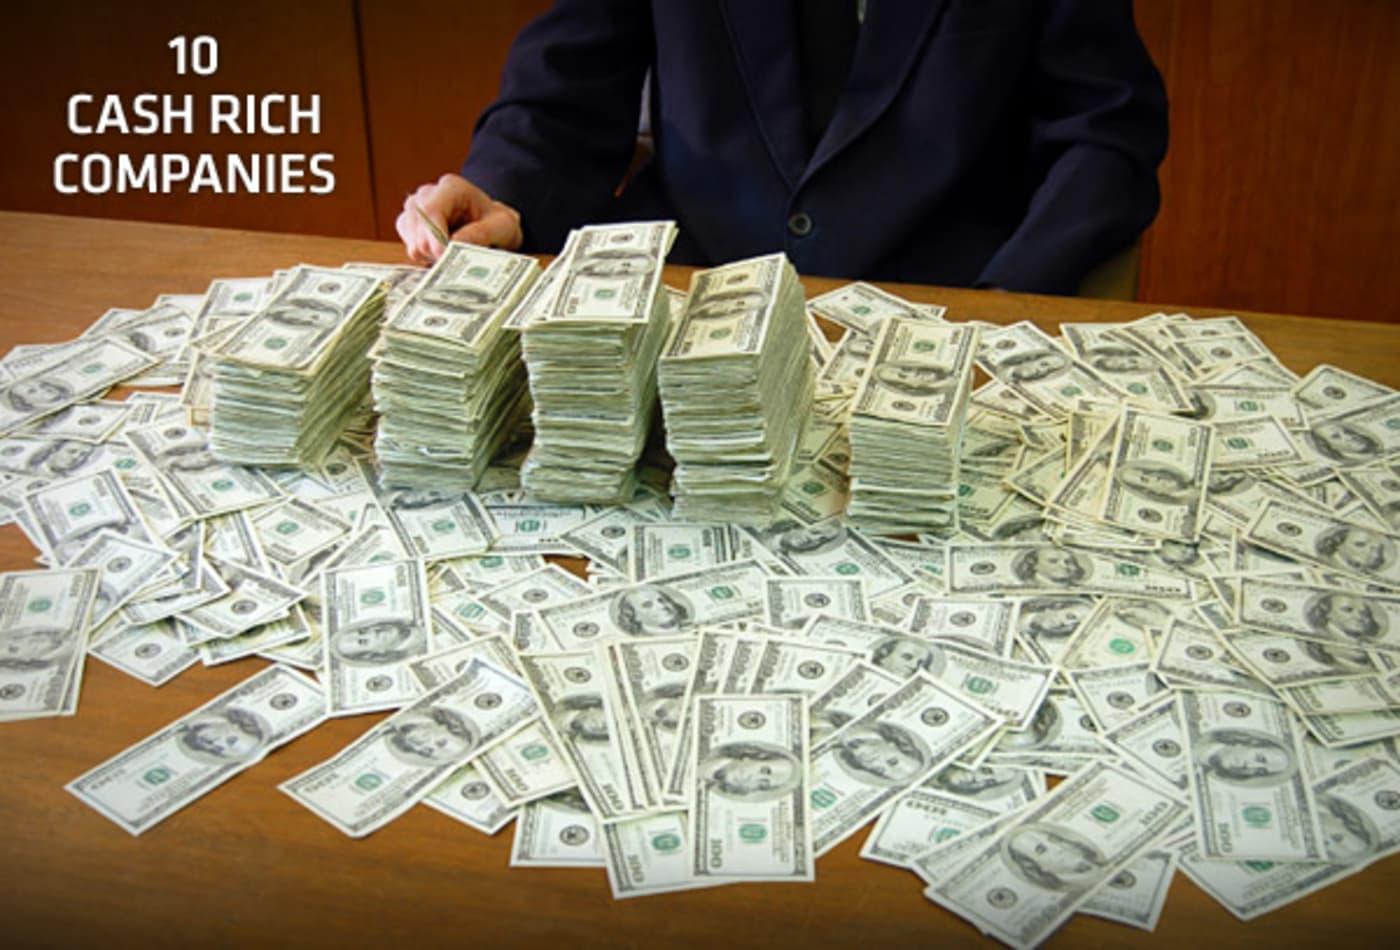 10-cash-rich-companies-cover.jpg